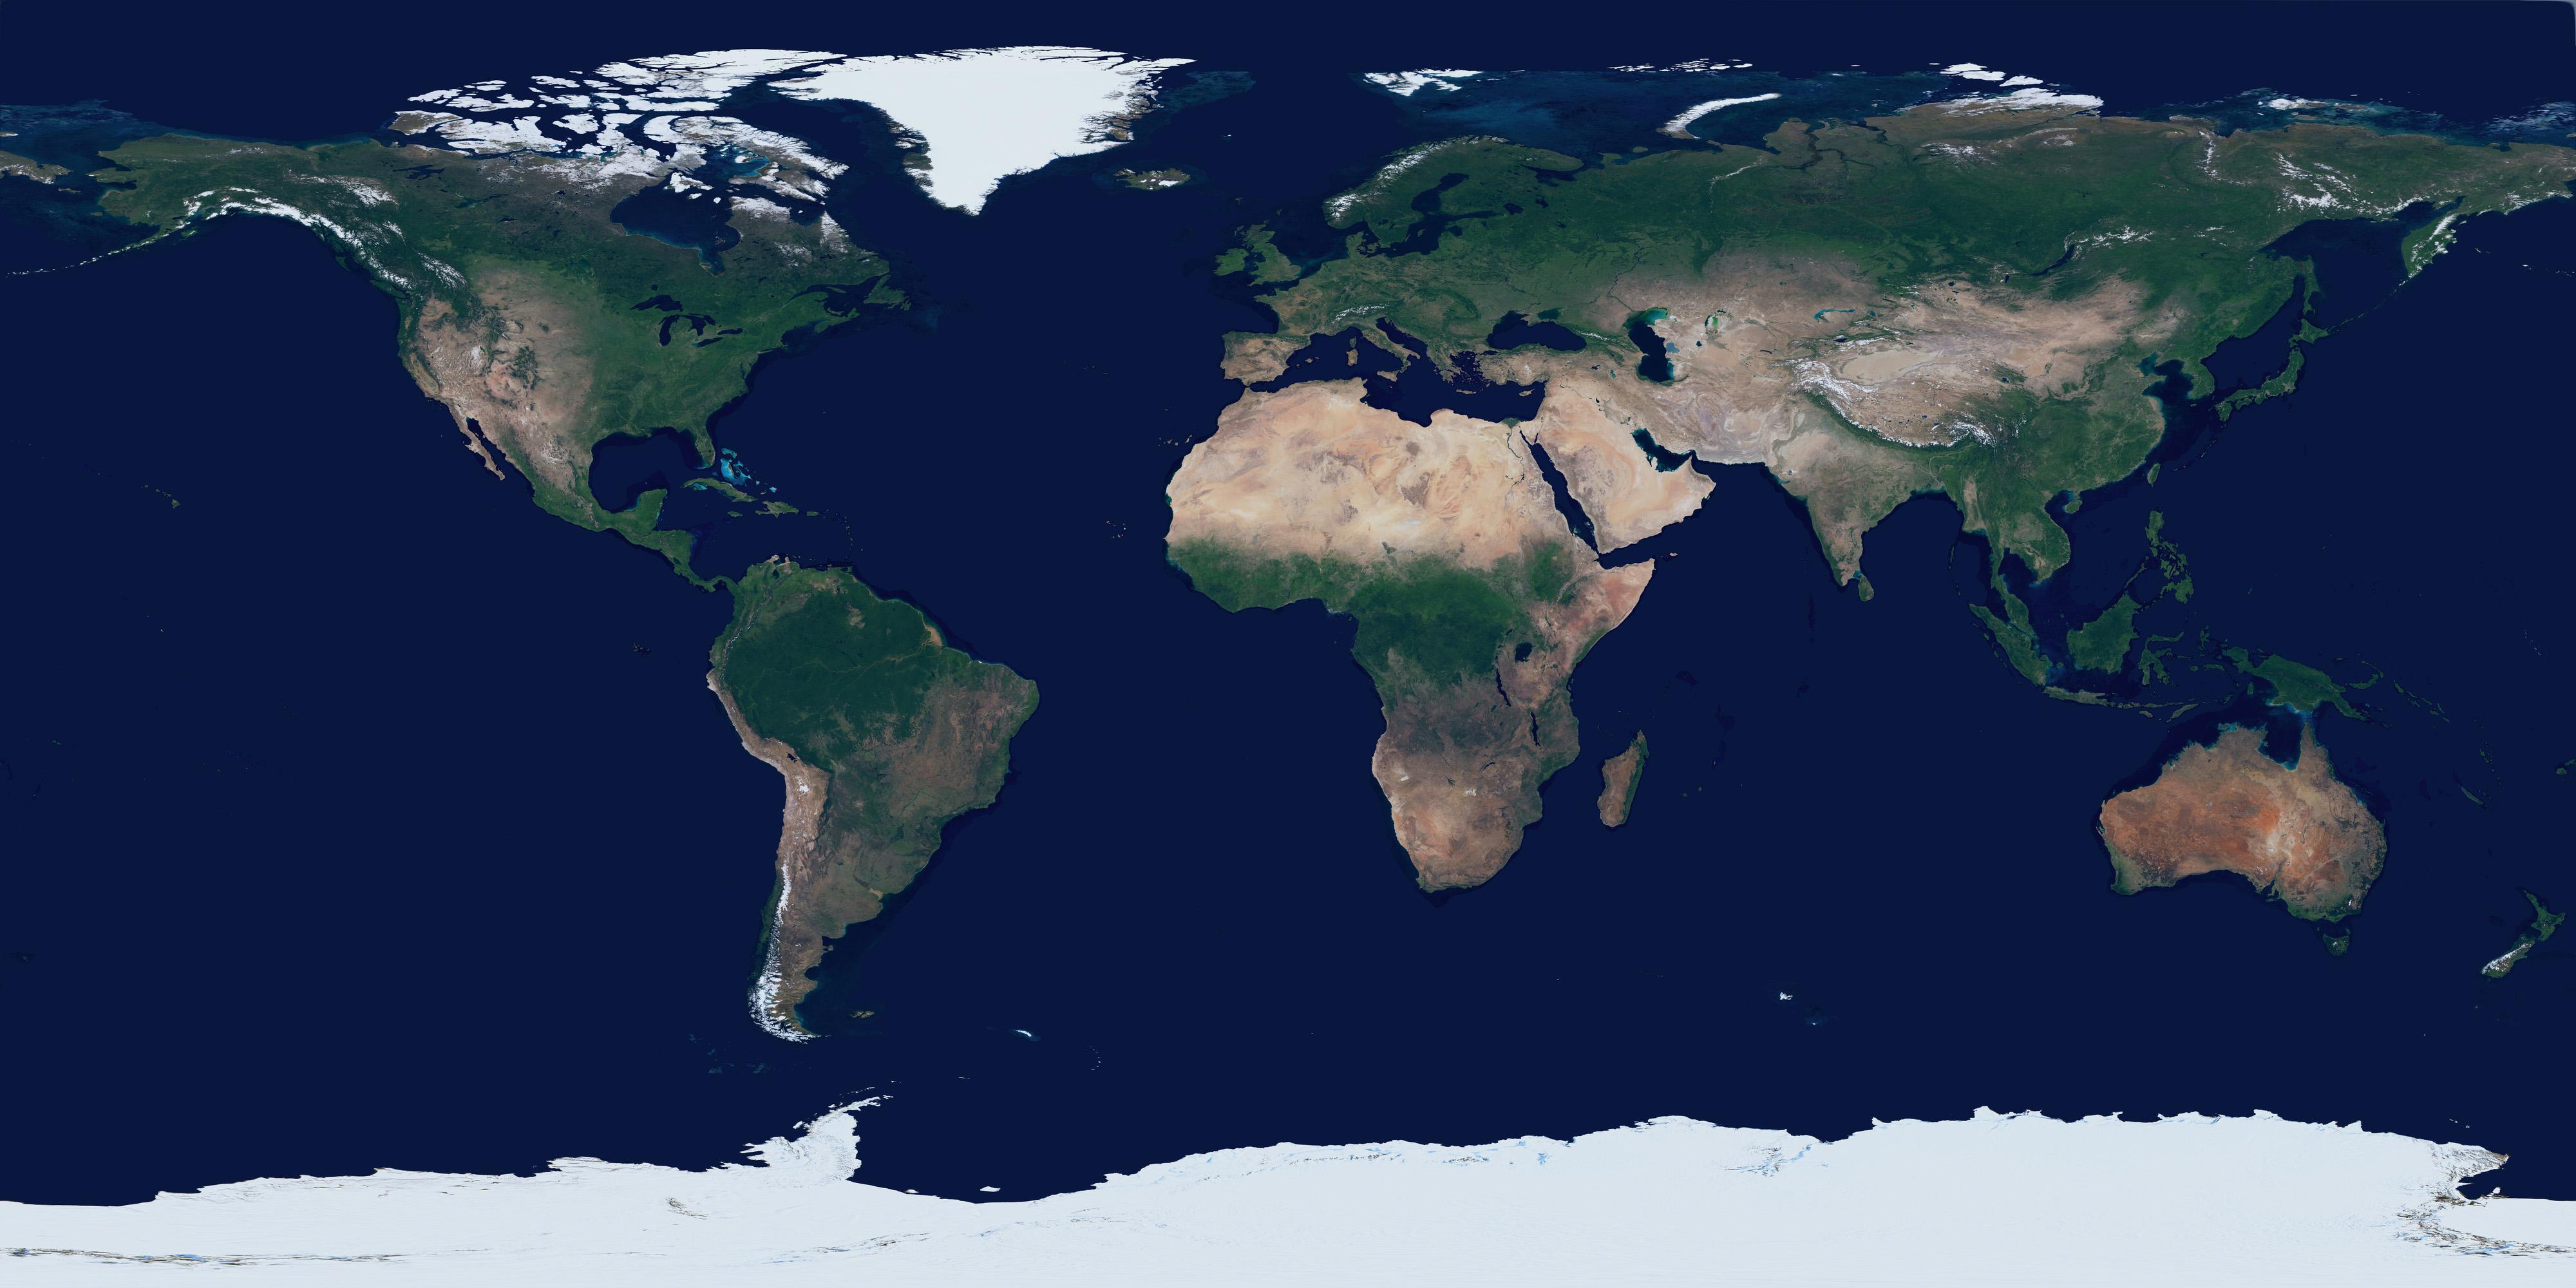 الأرض بإسقاط متساوي المستطيلات